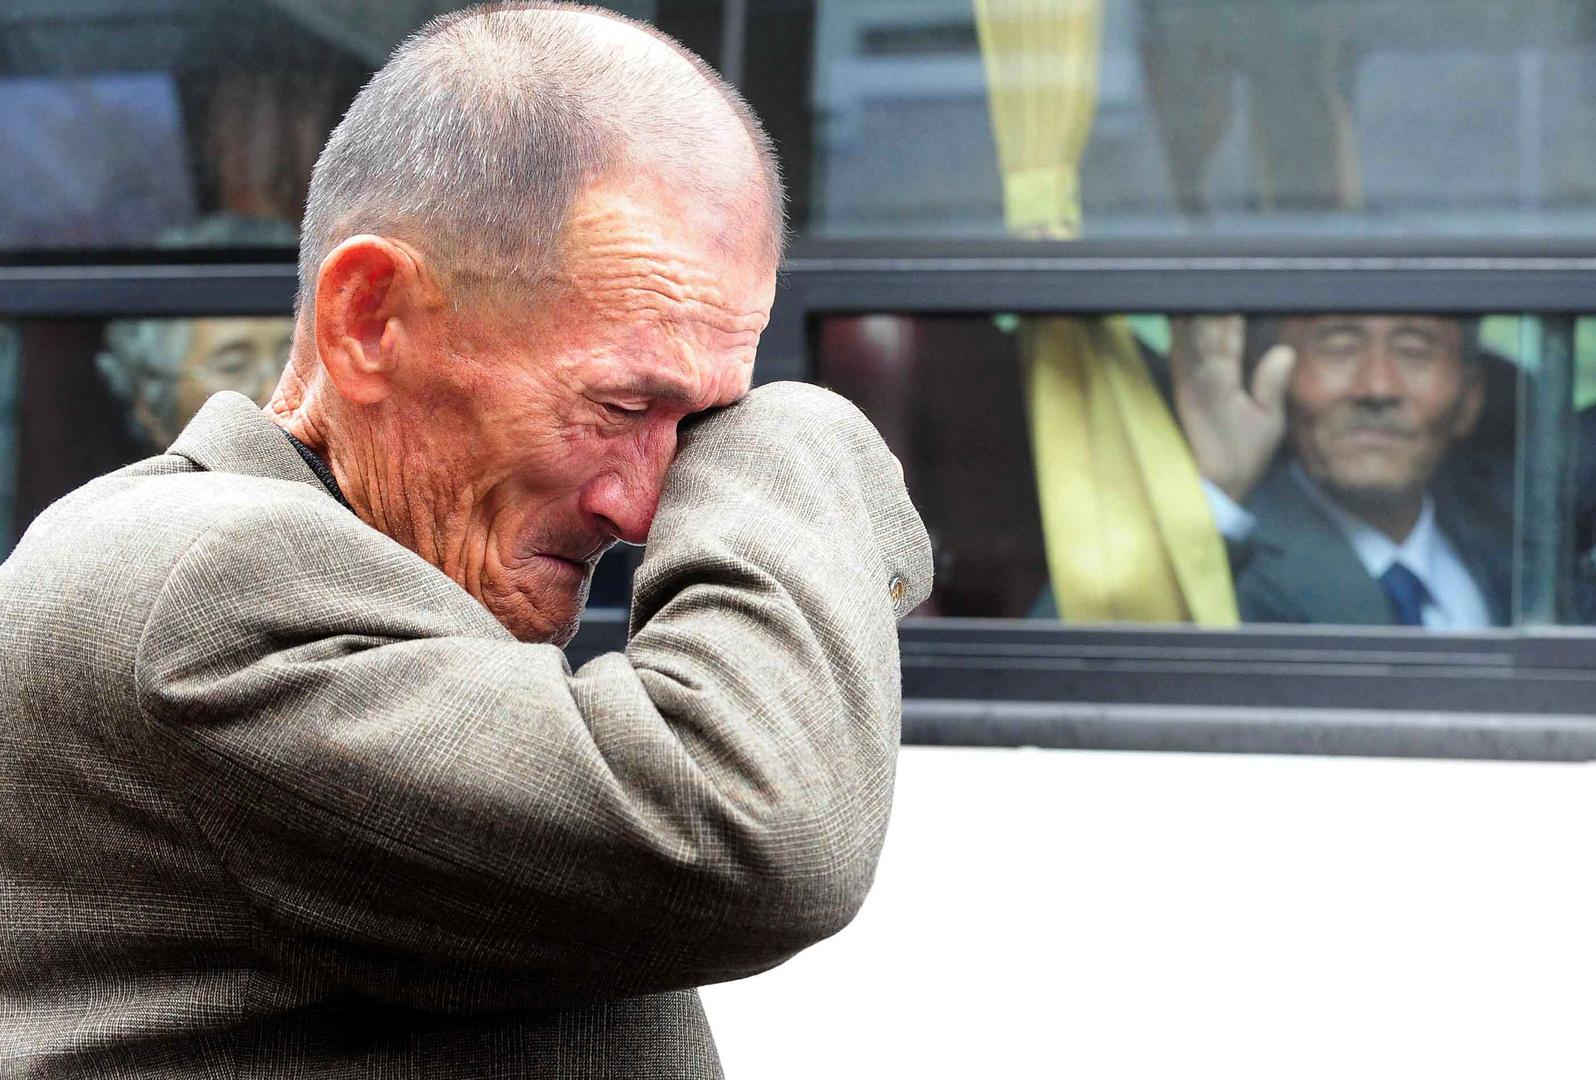 مرور 70 عاما على بدء حرب الكوريتين دون اتفاق سلام ينهيها رسميا